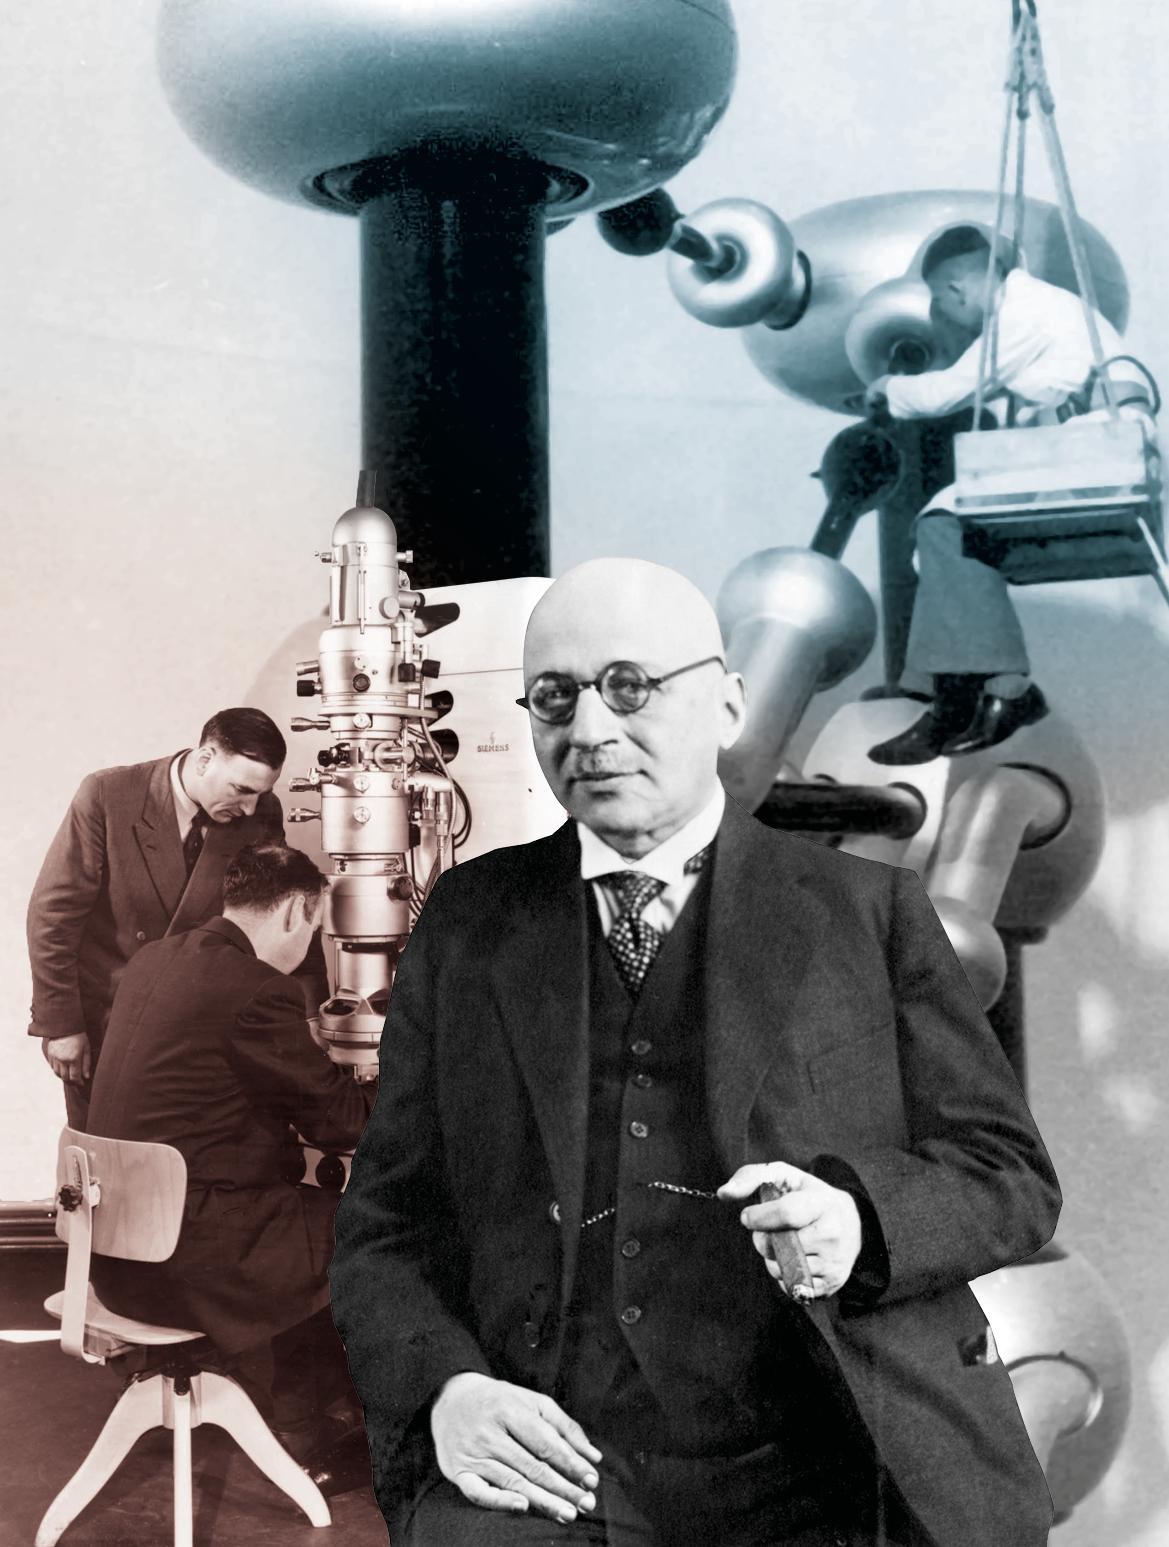 Fotocollage: Wissenschaft in Berlin-Dahlem. Der Chemiker und Nobelpreisträger Fritz Haber (1868-1934), Ernst Ruska (1906-1988) am Elektronenmikroskop, Kaskadengenerator im Kaiser-Wilhelm-Institut für Physik, 1940er-Jahre